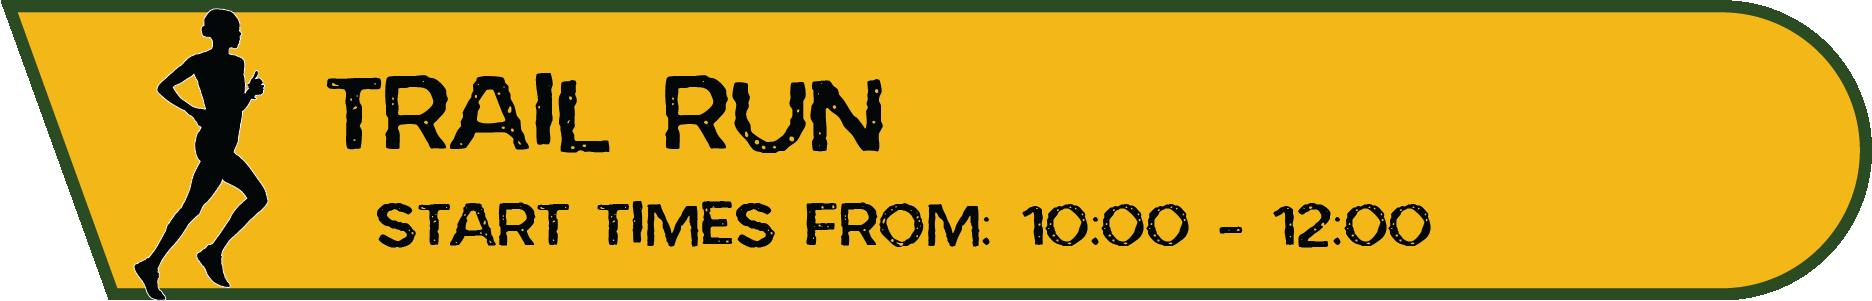 River Raid 2021 Trail Run header Image